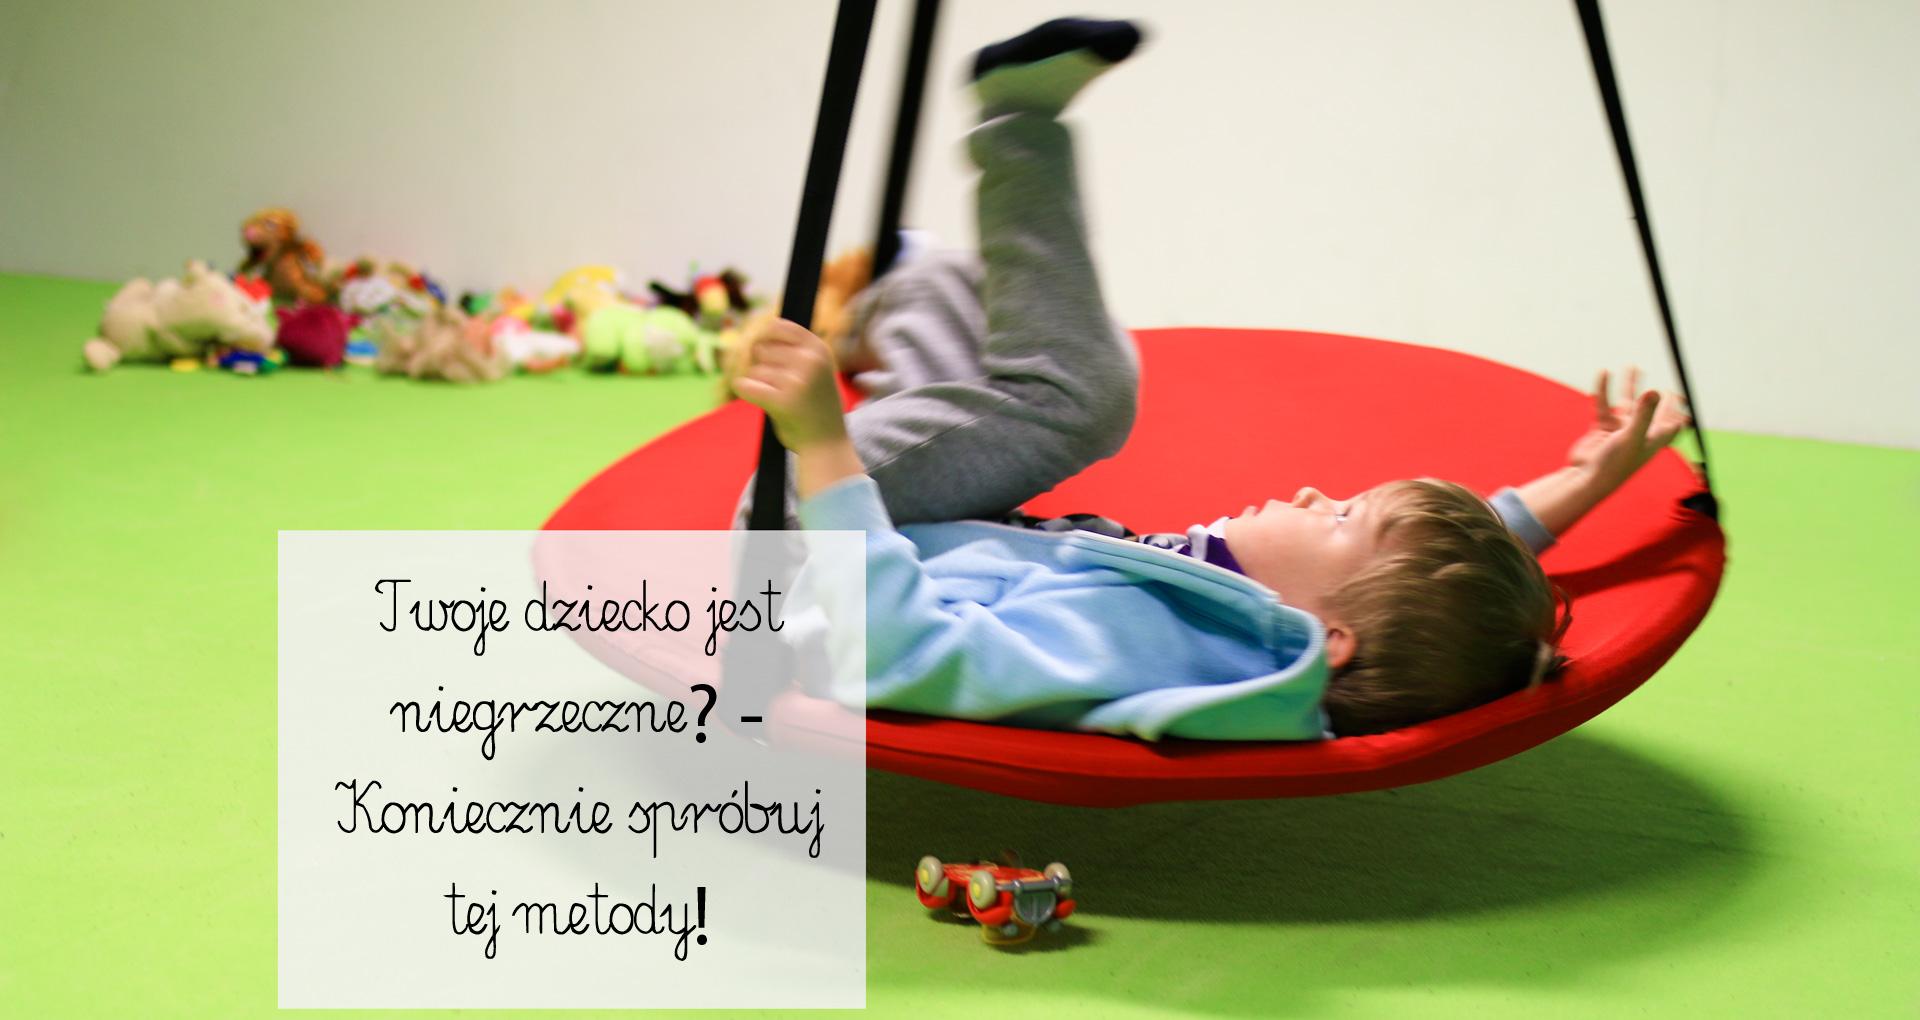 niegrzeczne dziecko, dziecko źle się zachowuje, wrażliwe dziecko, rodzicielstwo bliskości